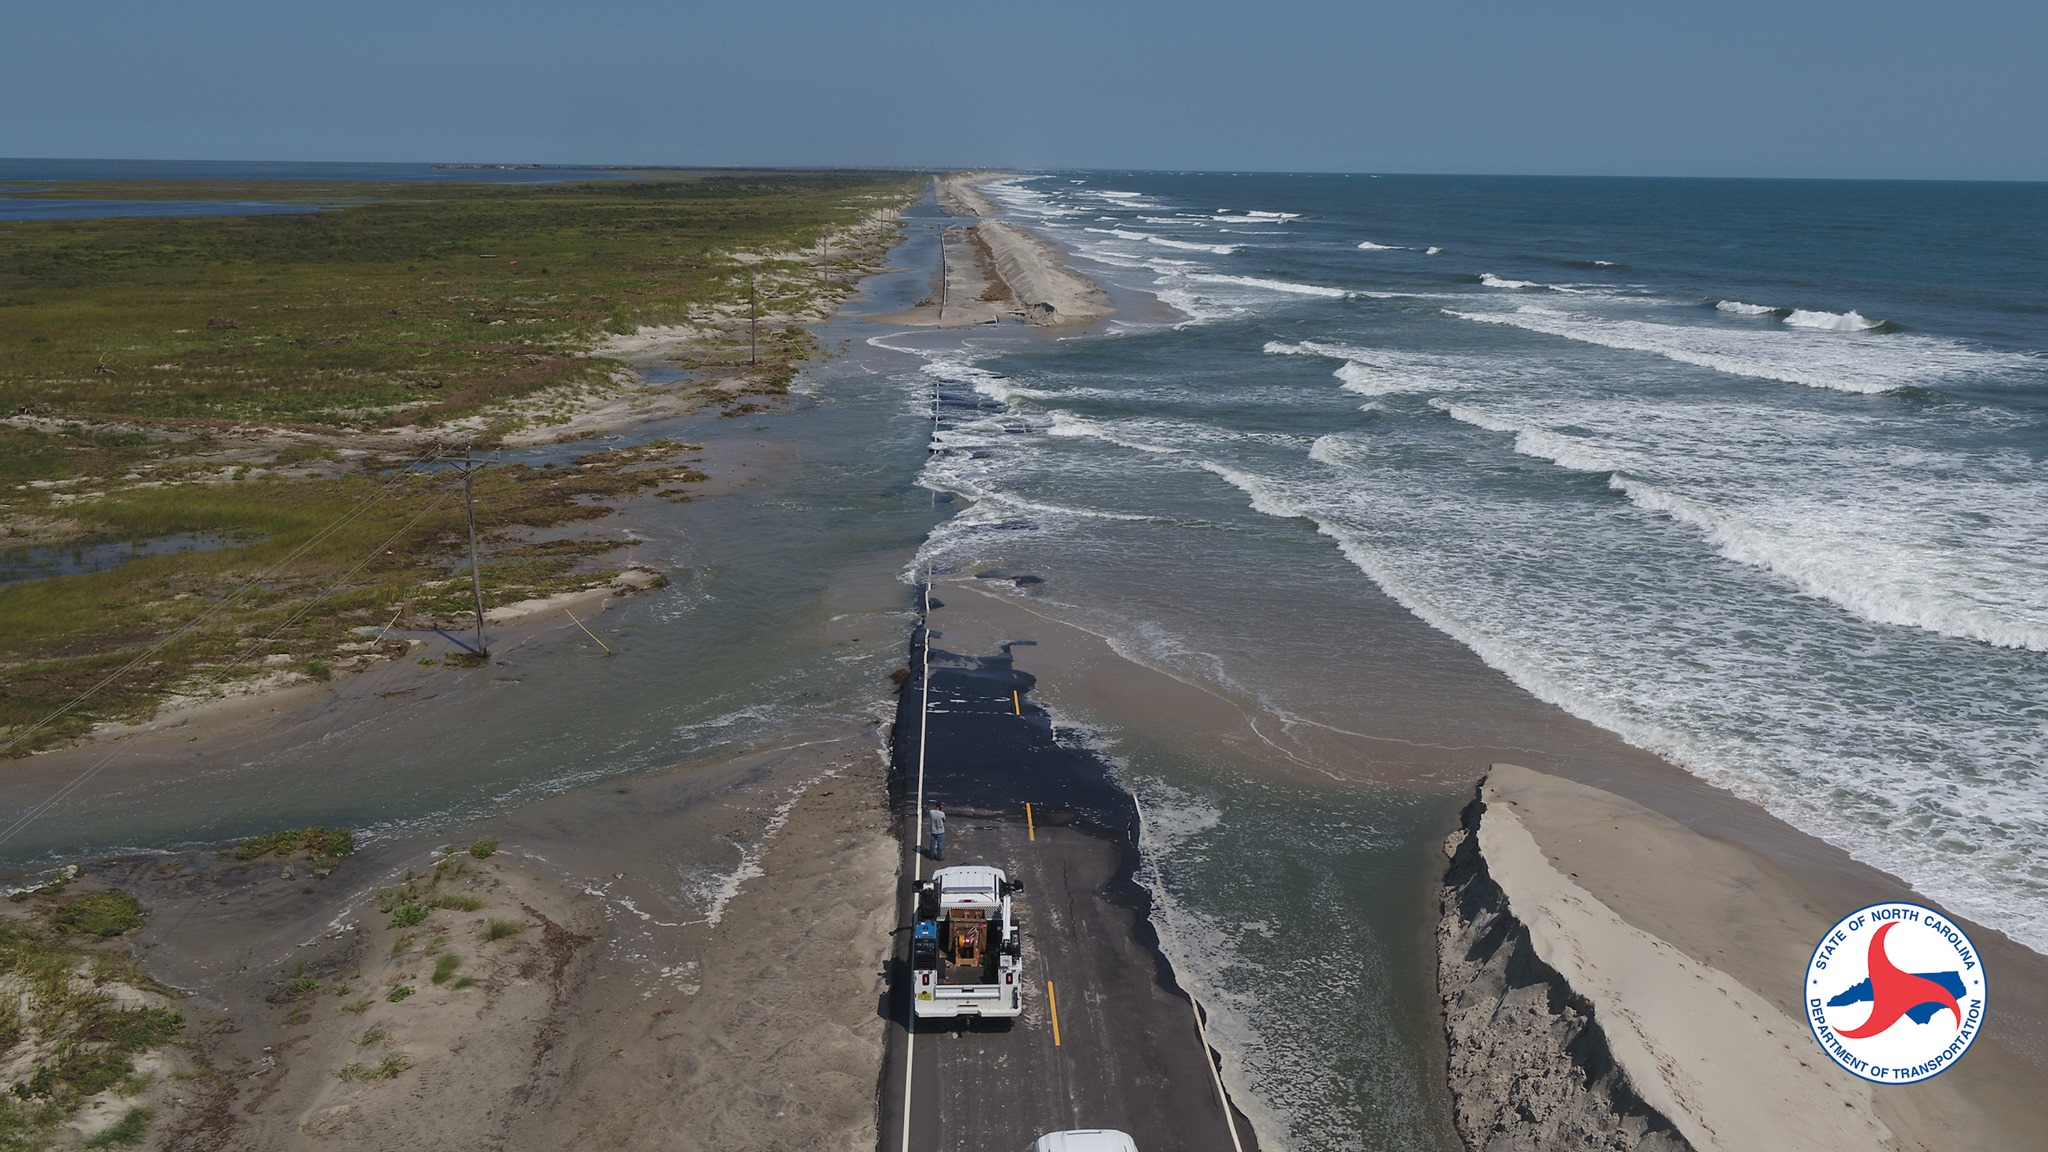 Image of damage to Ocracoke Island after Hurricane Dorian